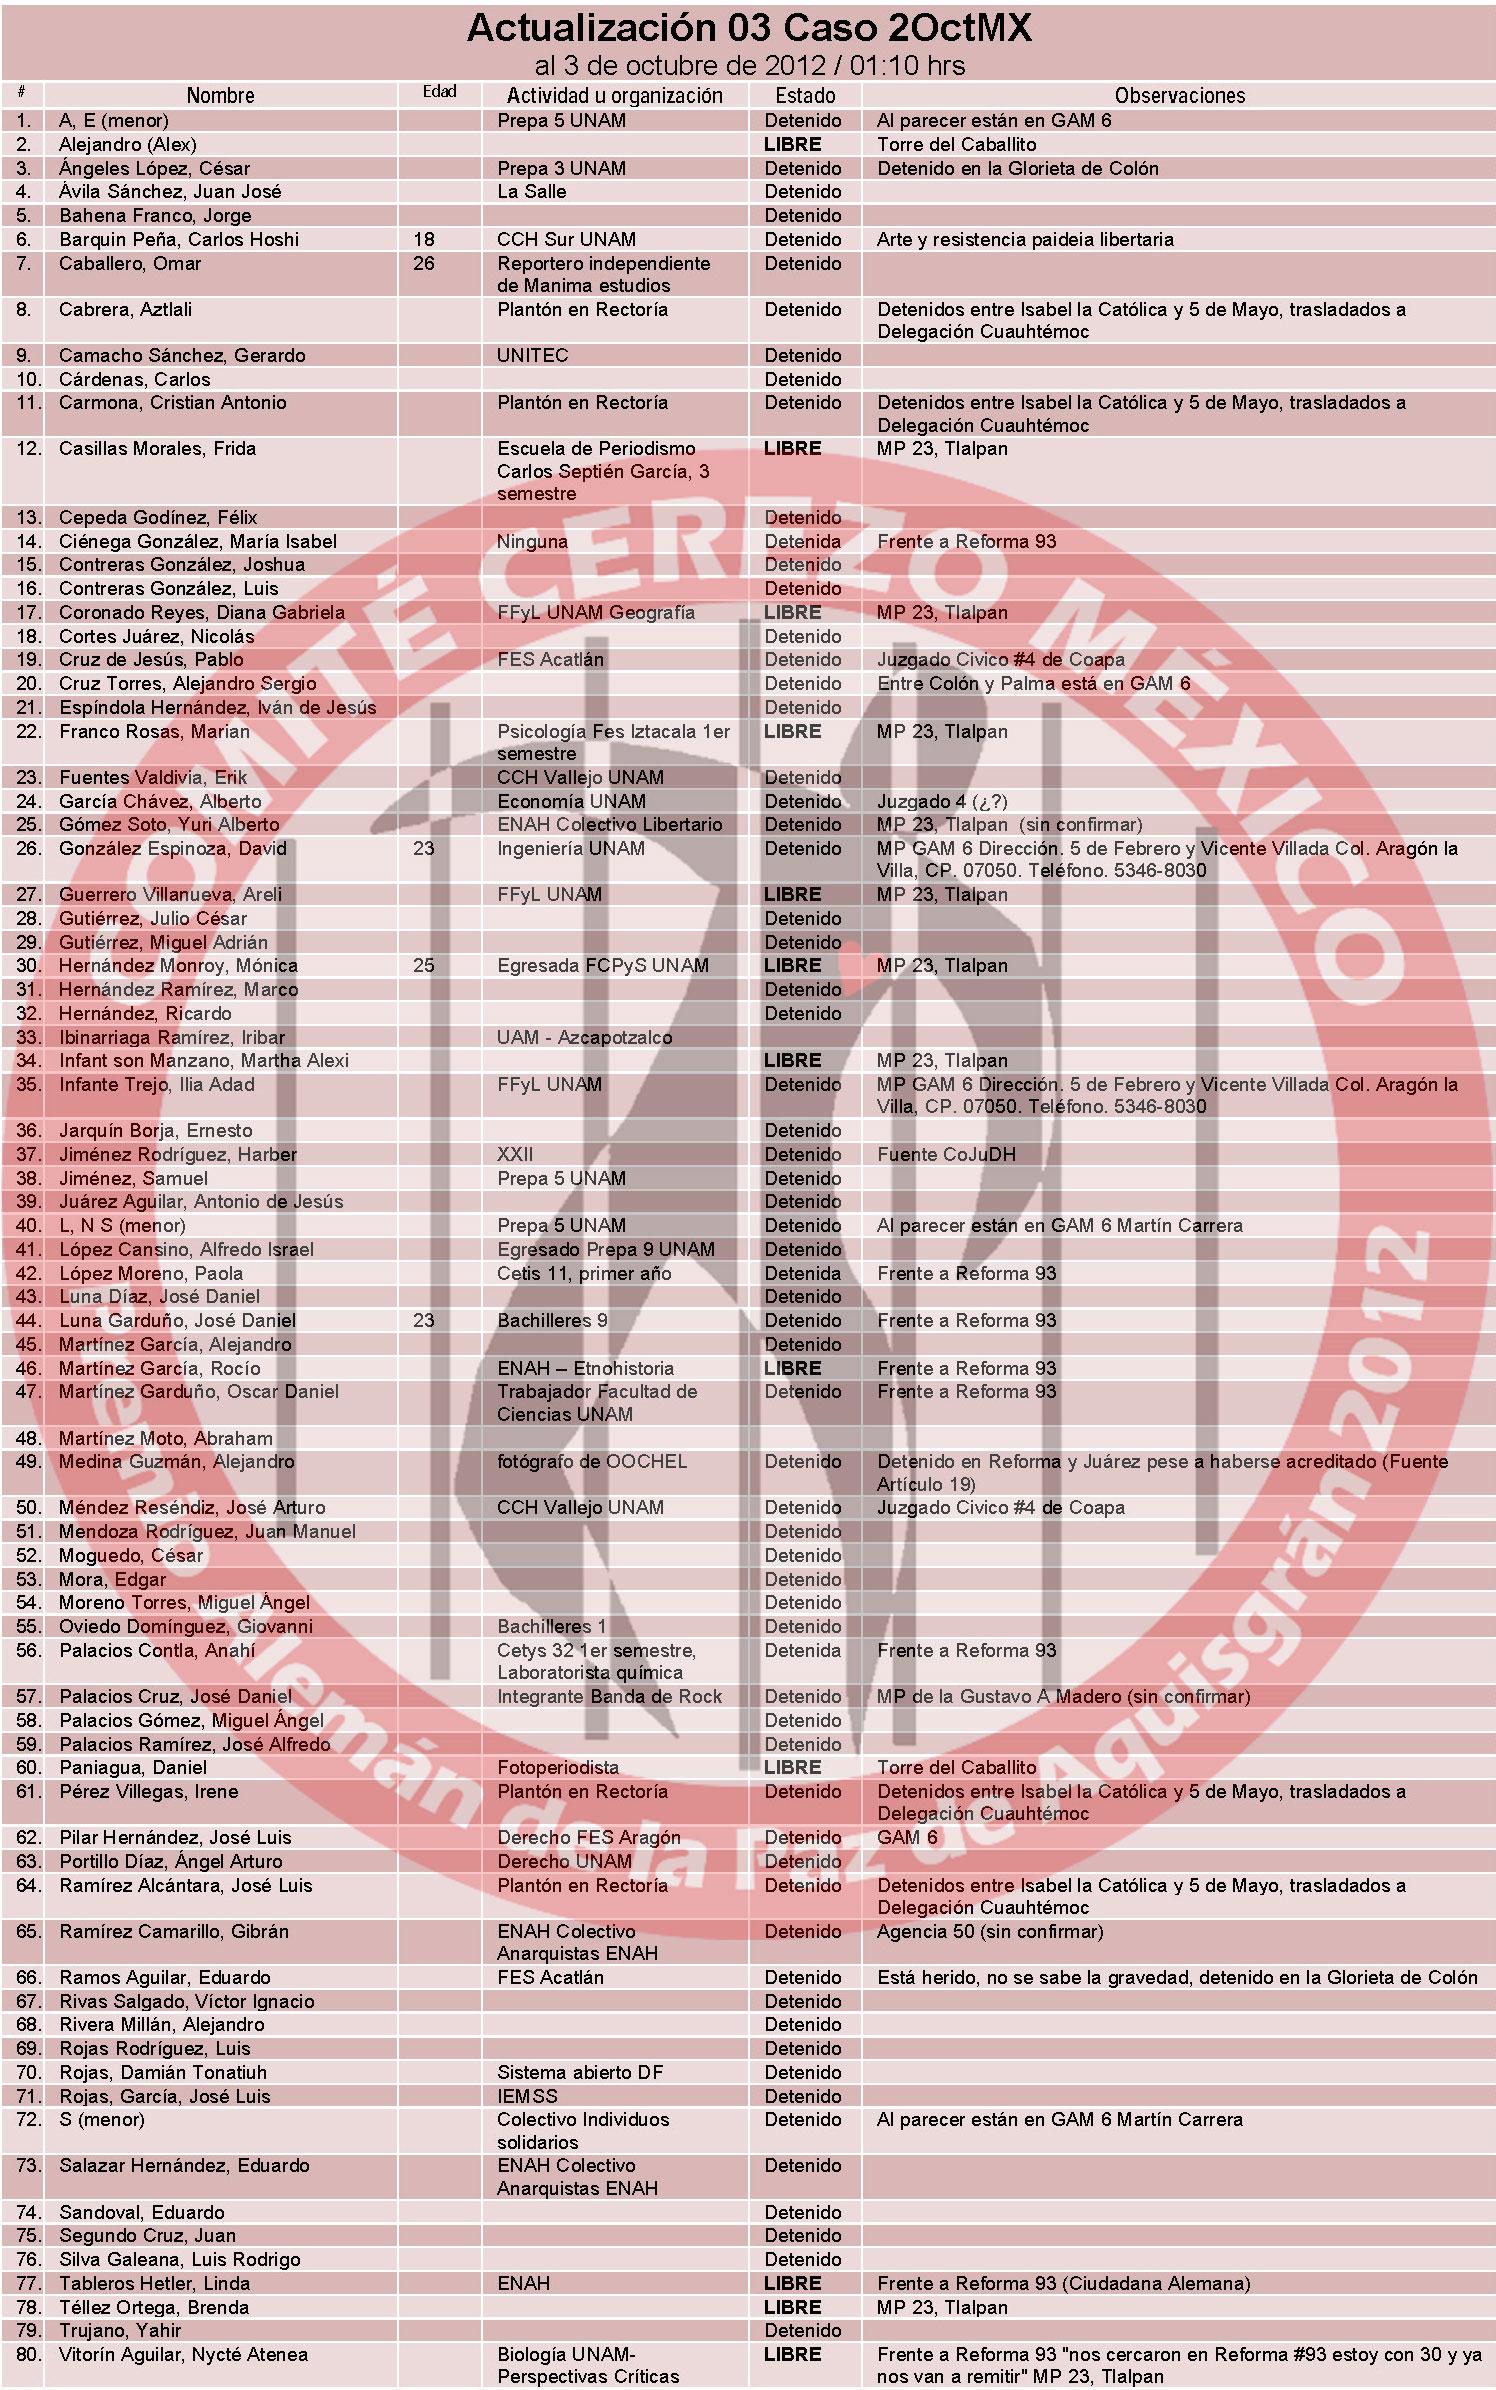 Lista de detenidos de la marcha del 2 de octubre de 2013